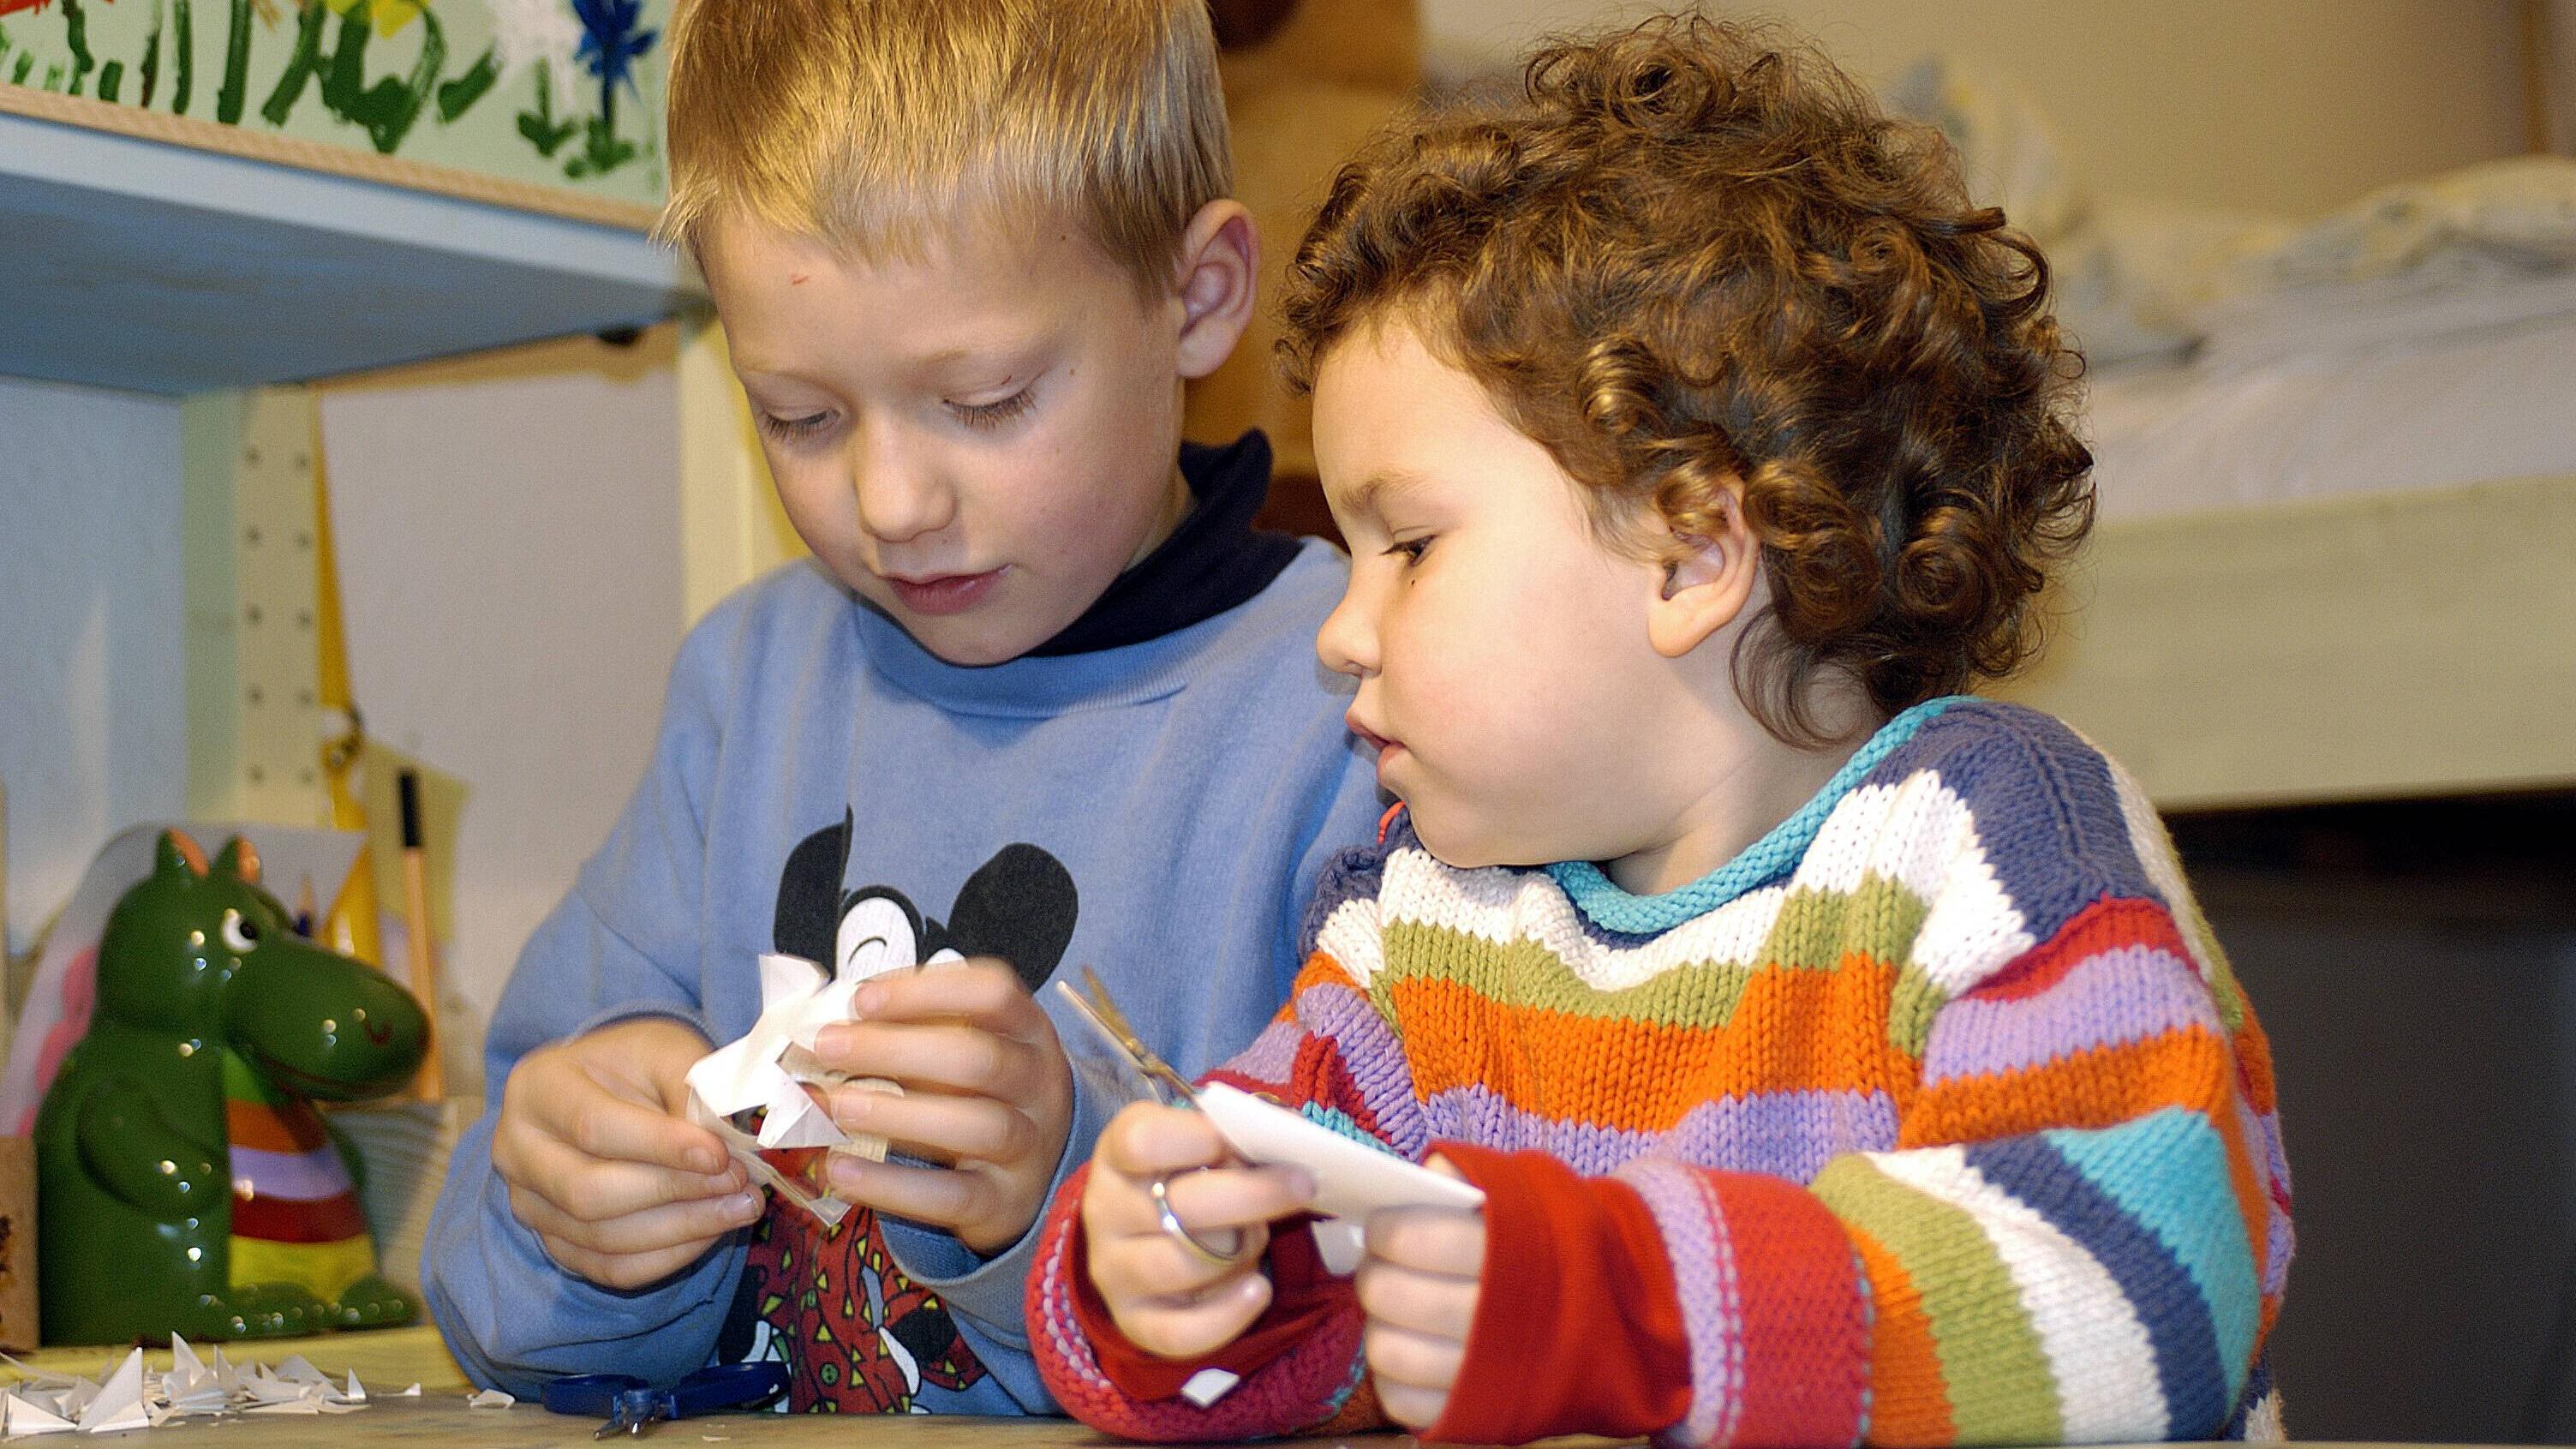 Einen Kreisel zu basteln, bereitet Kindern große Freude und geht auch schon mit den Kleinsten.